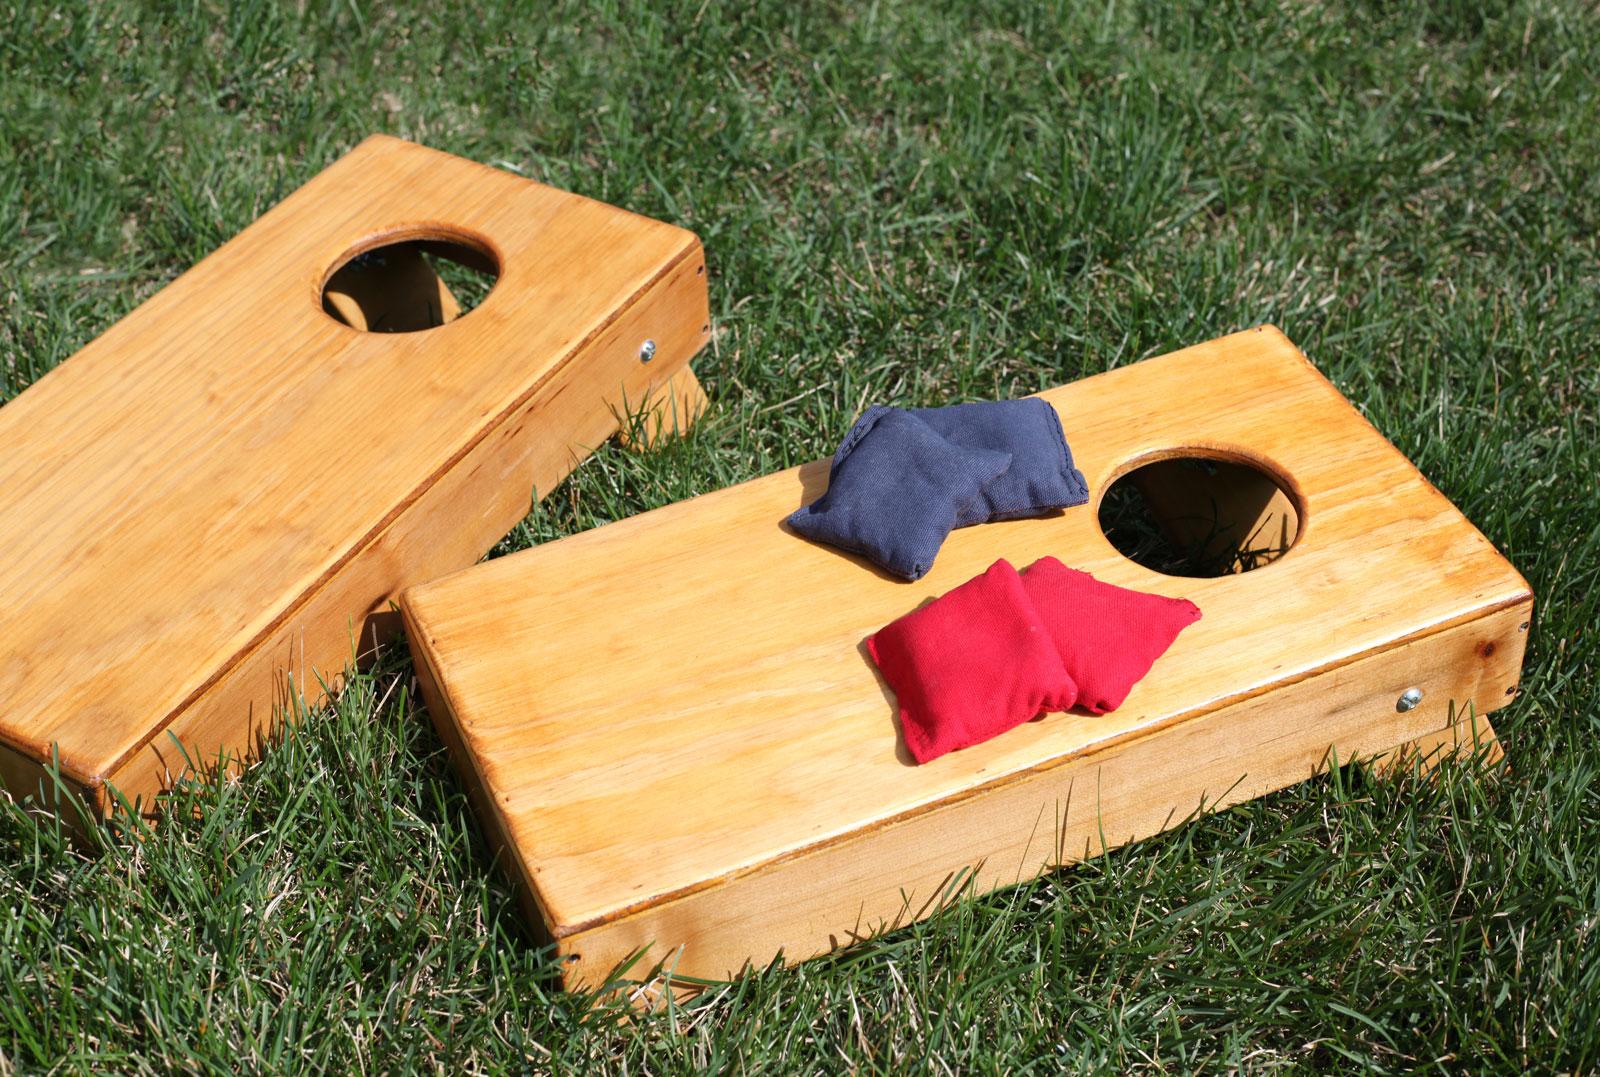 rent-childrens-lawn-games-kiddie-cornhole.jpg